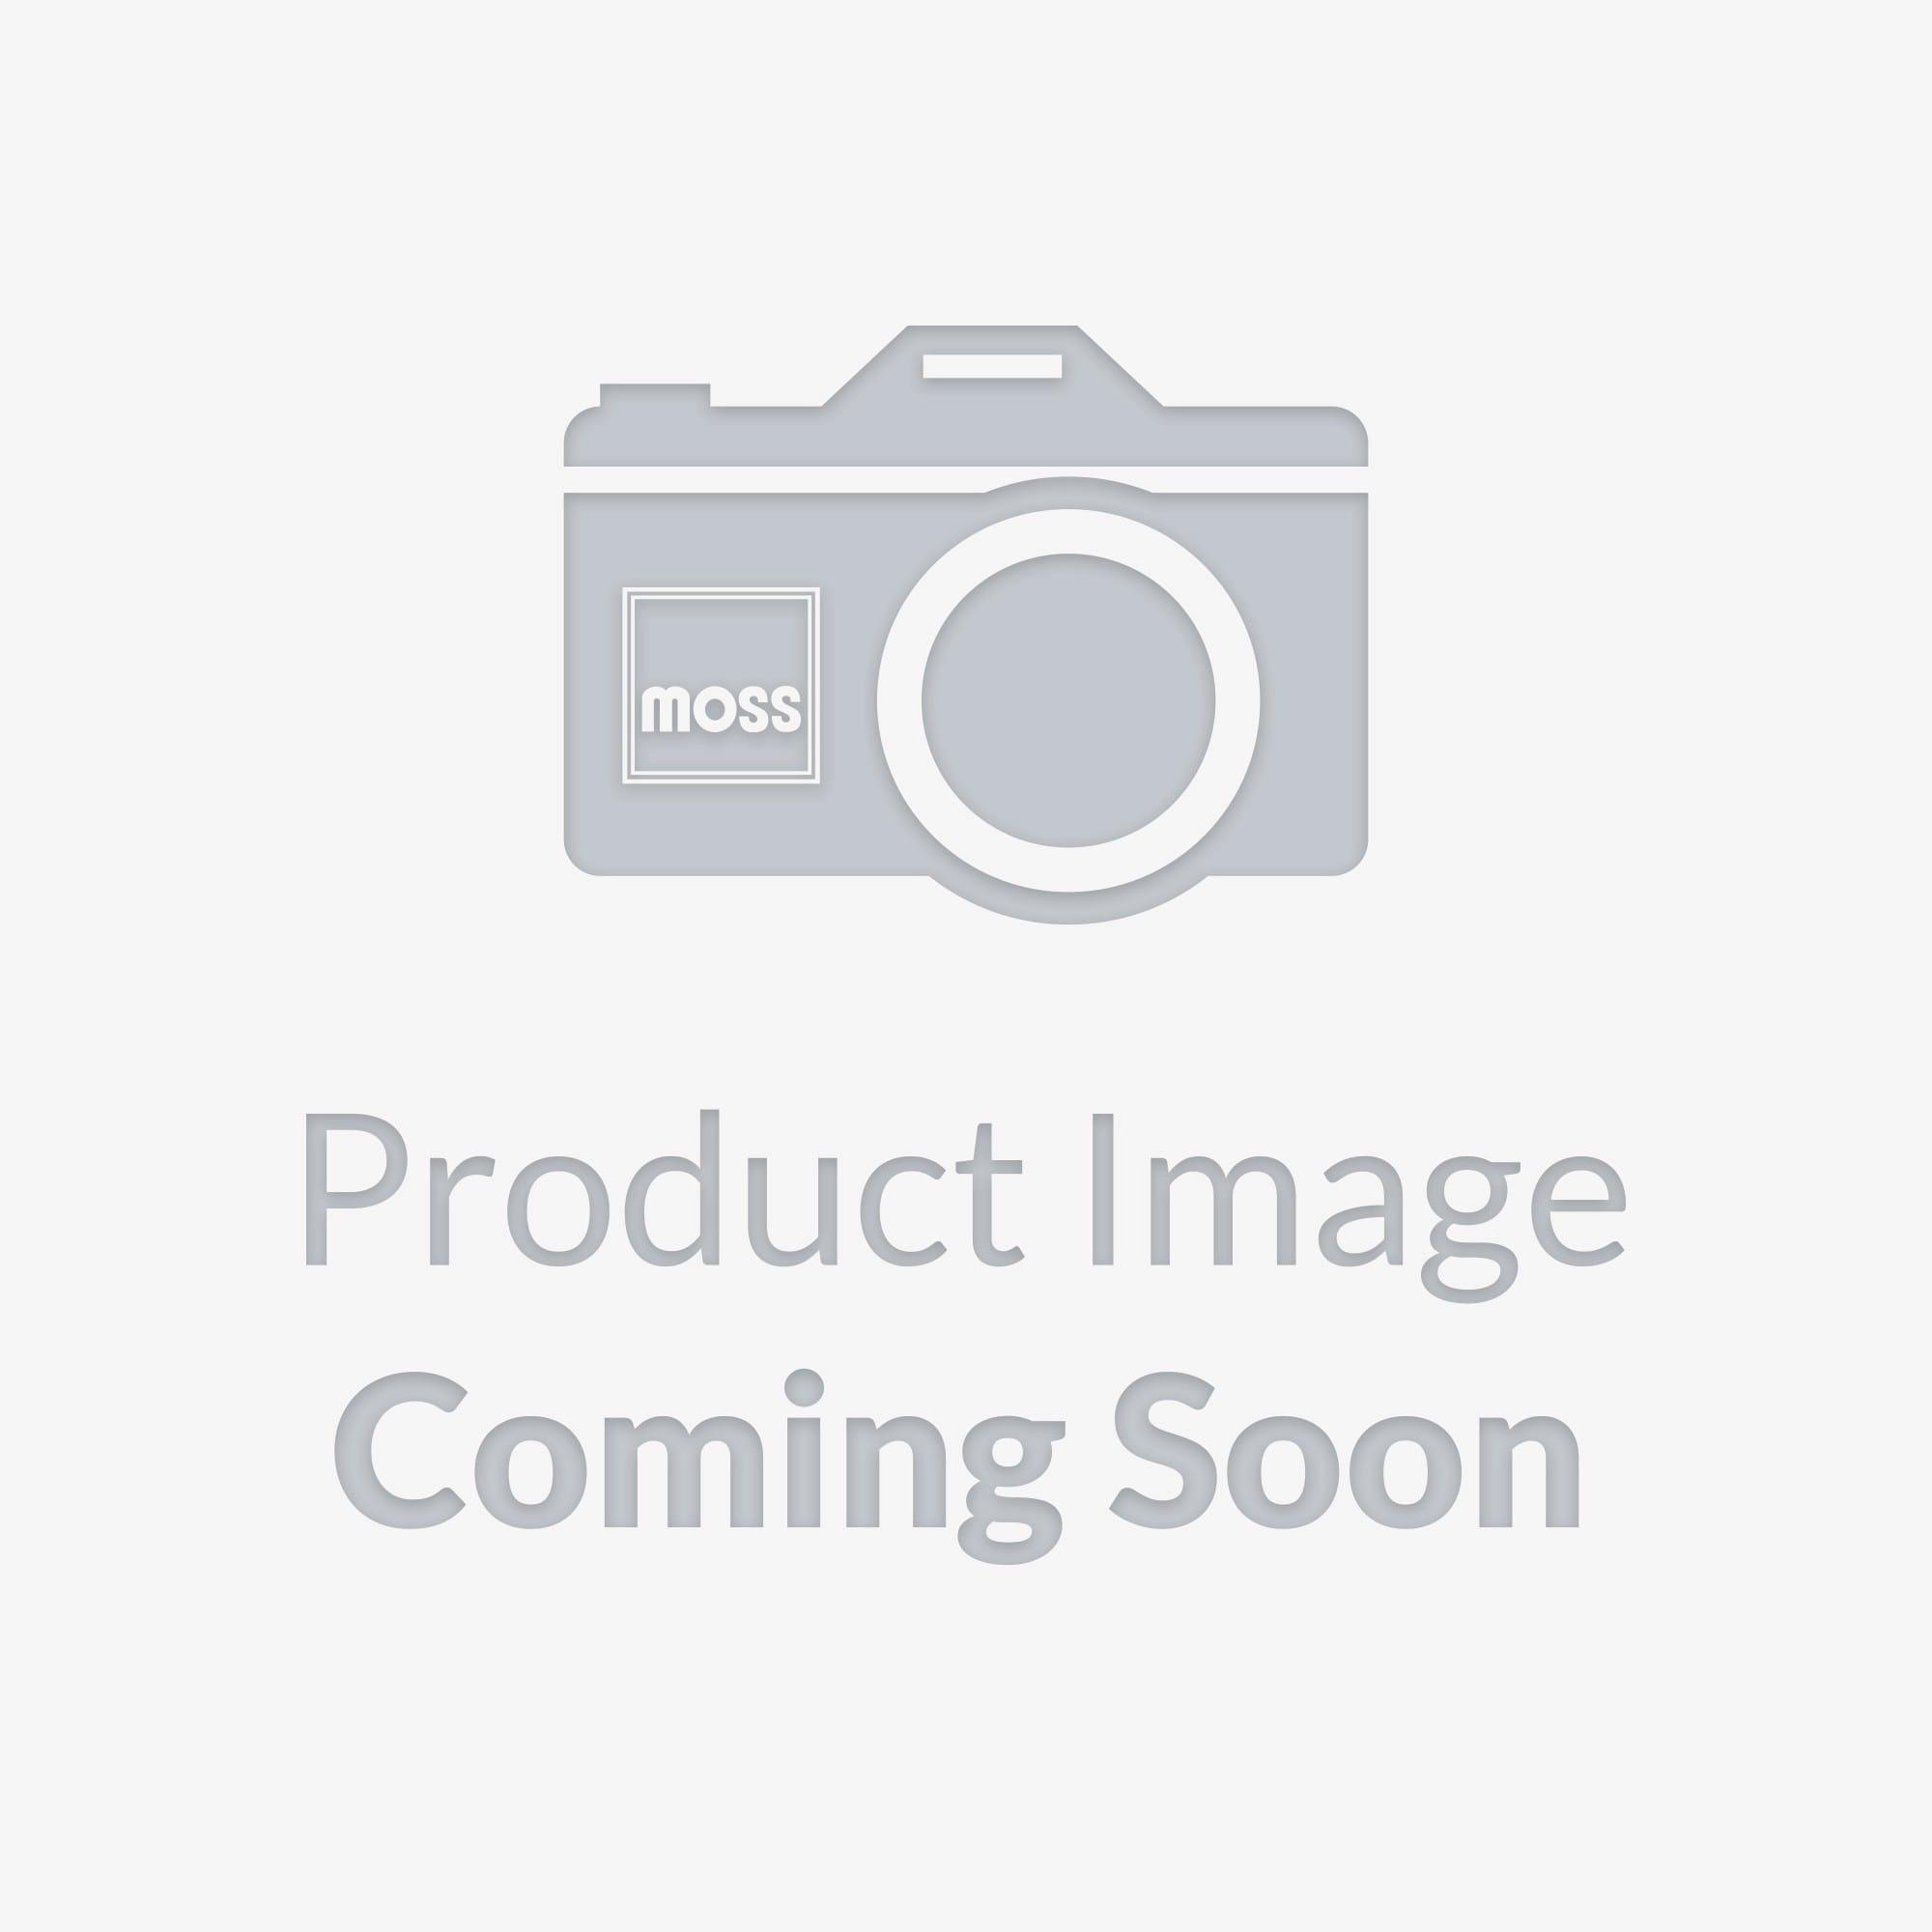 Collar oil seal moss motors